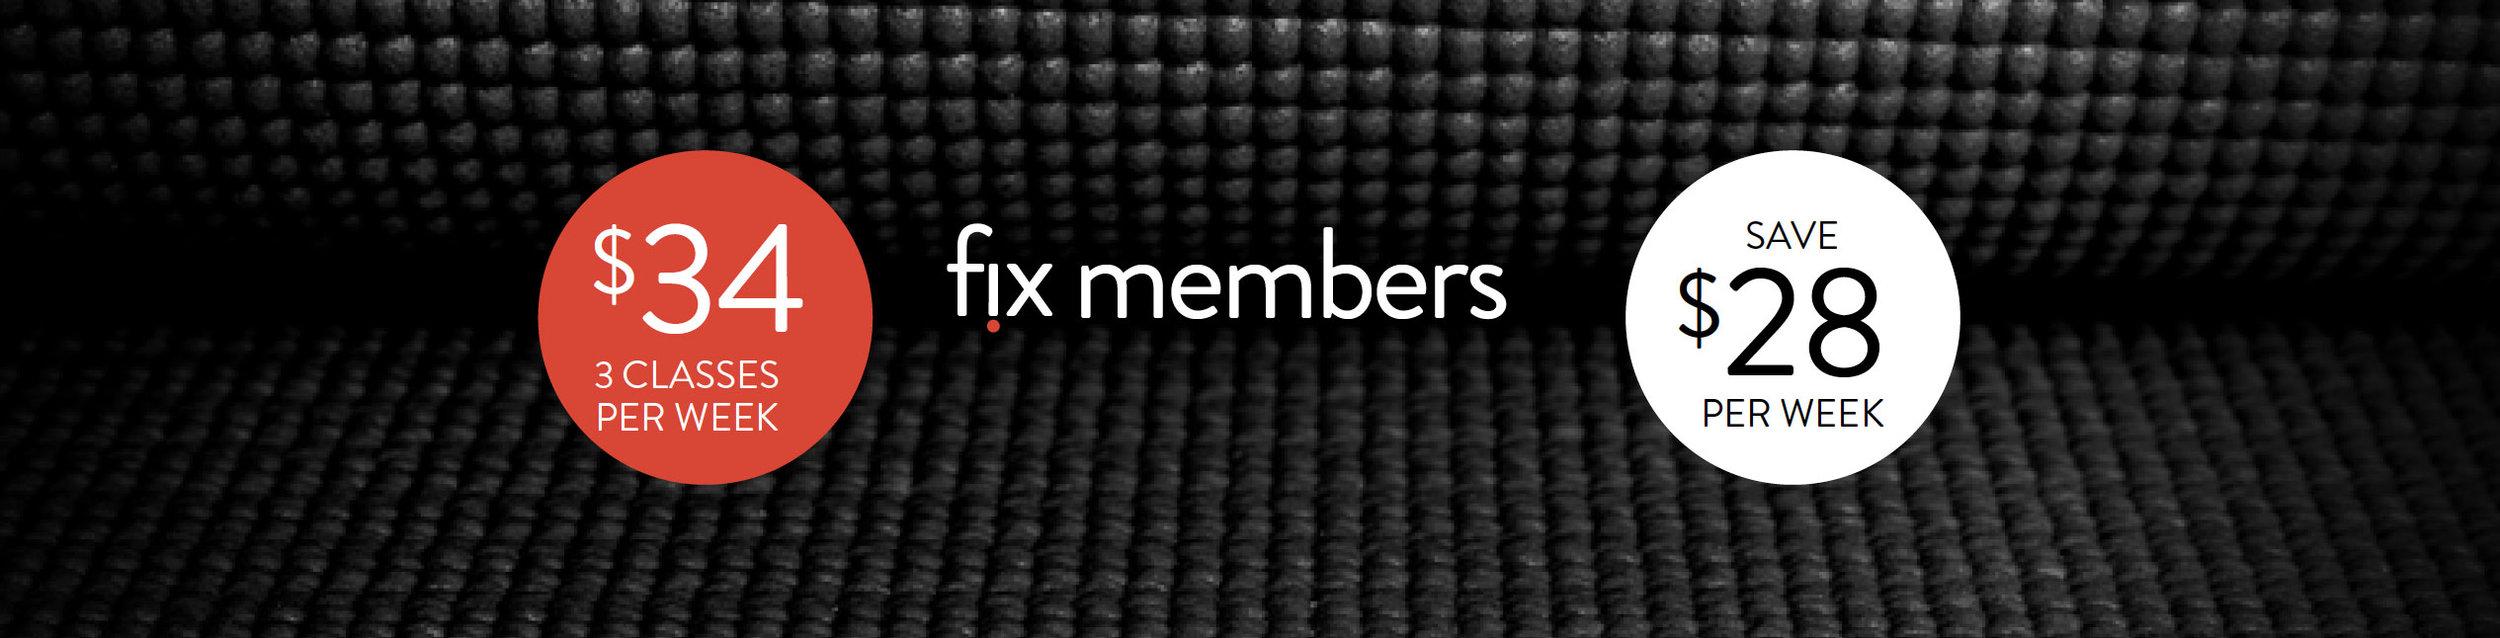 fix-members-pricing.jpg